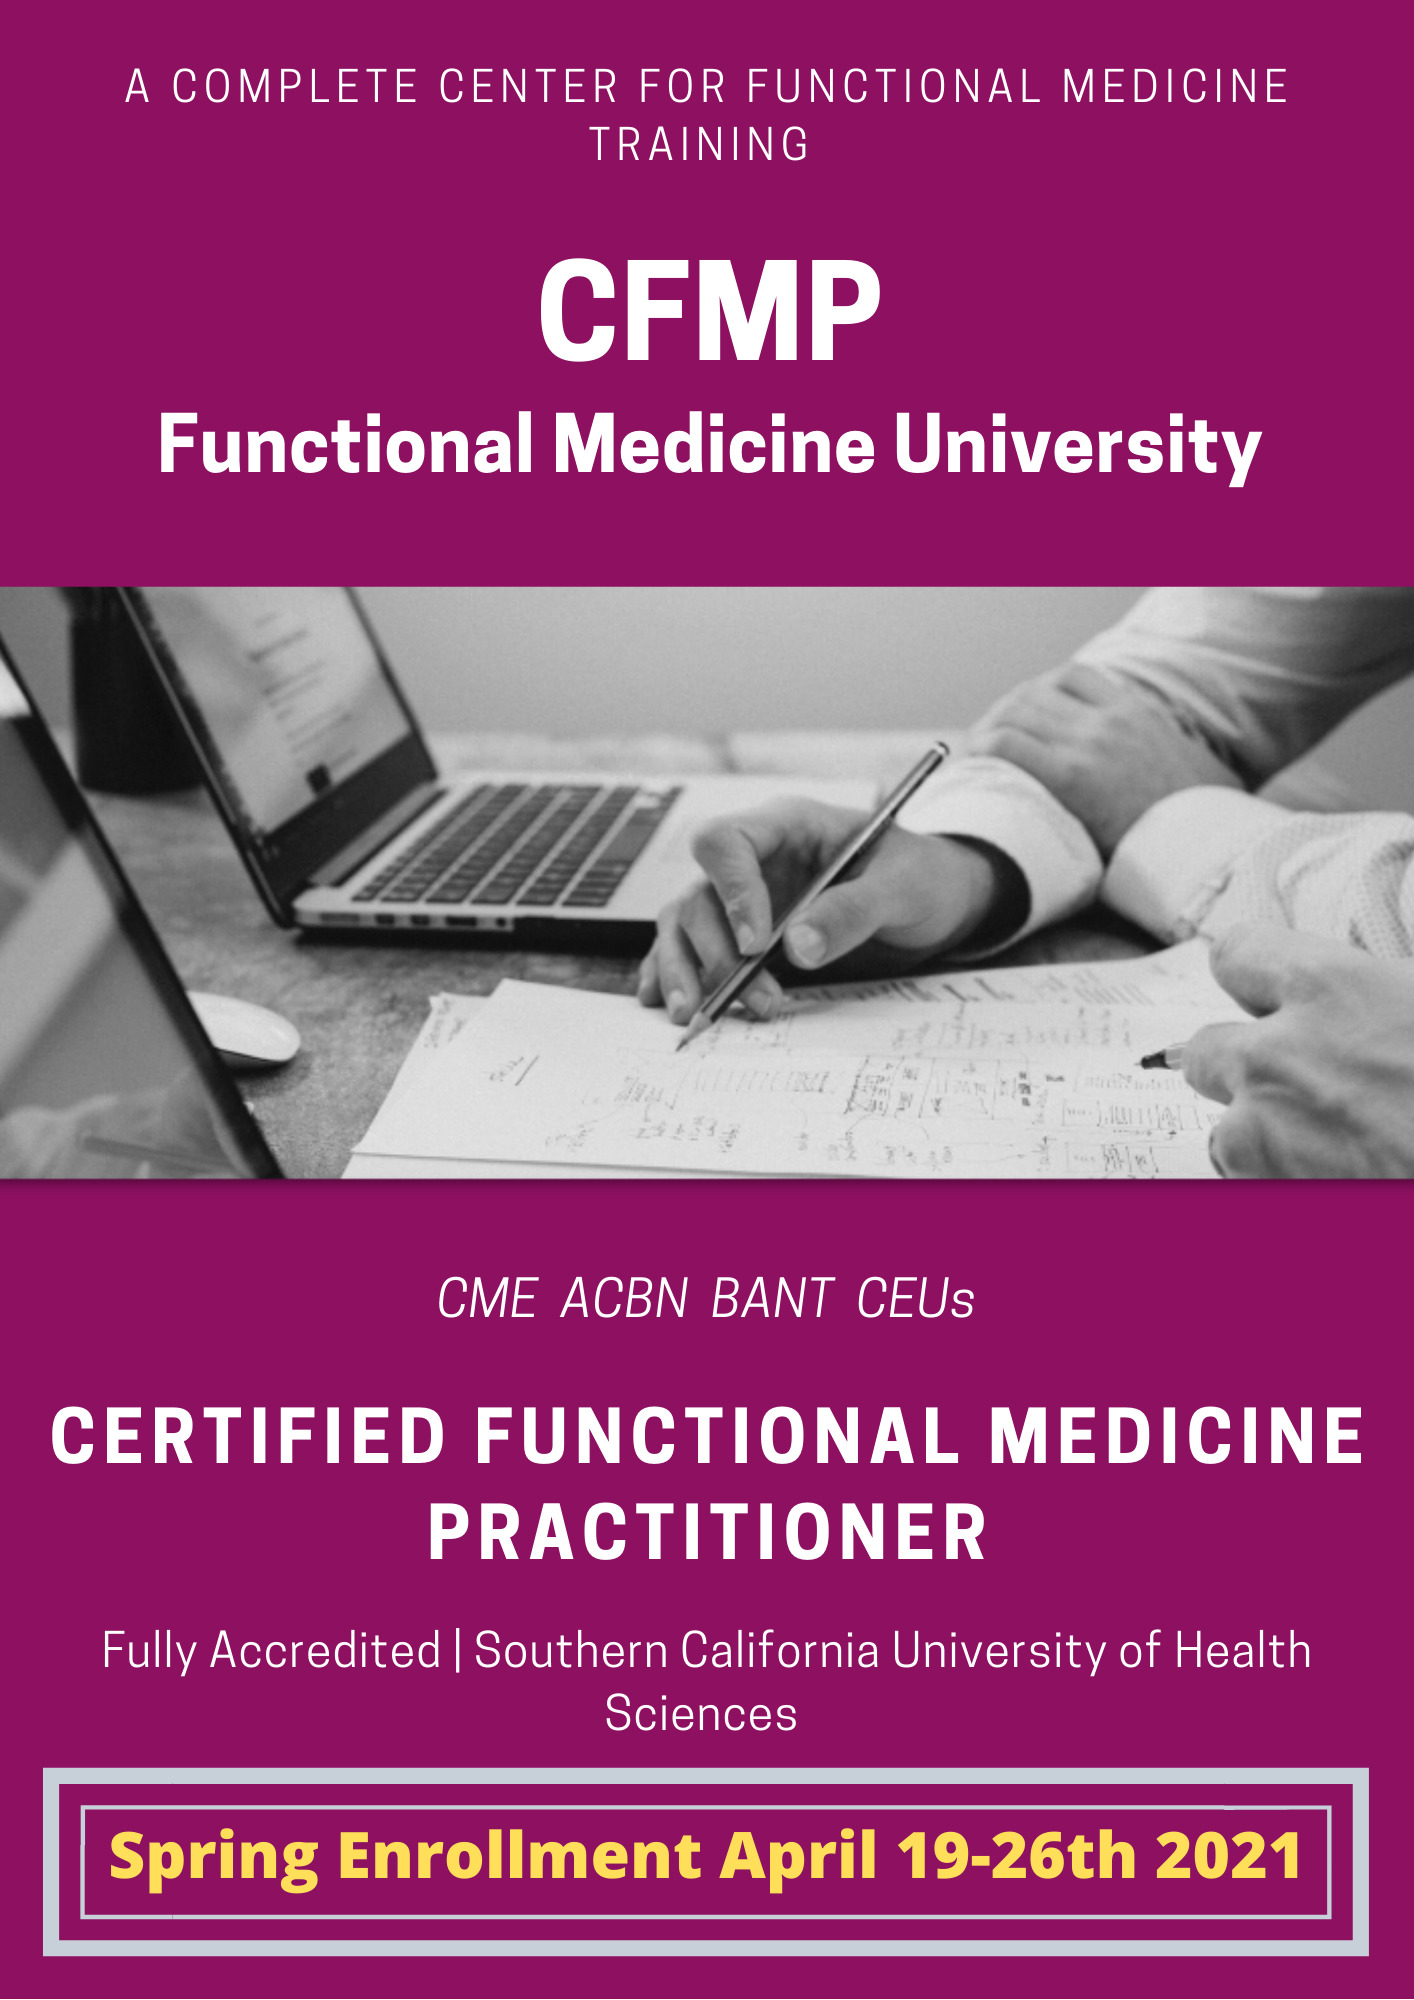 CFMP Spring Enrollment at FMU